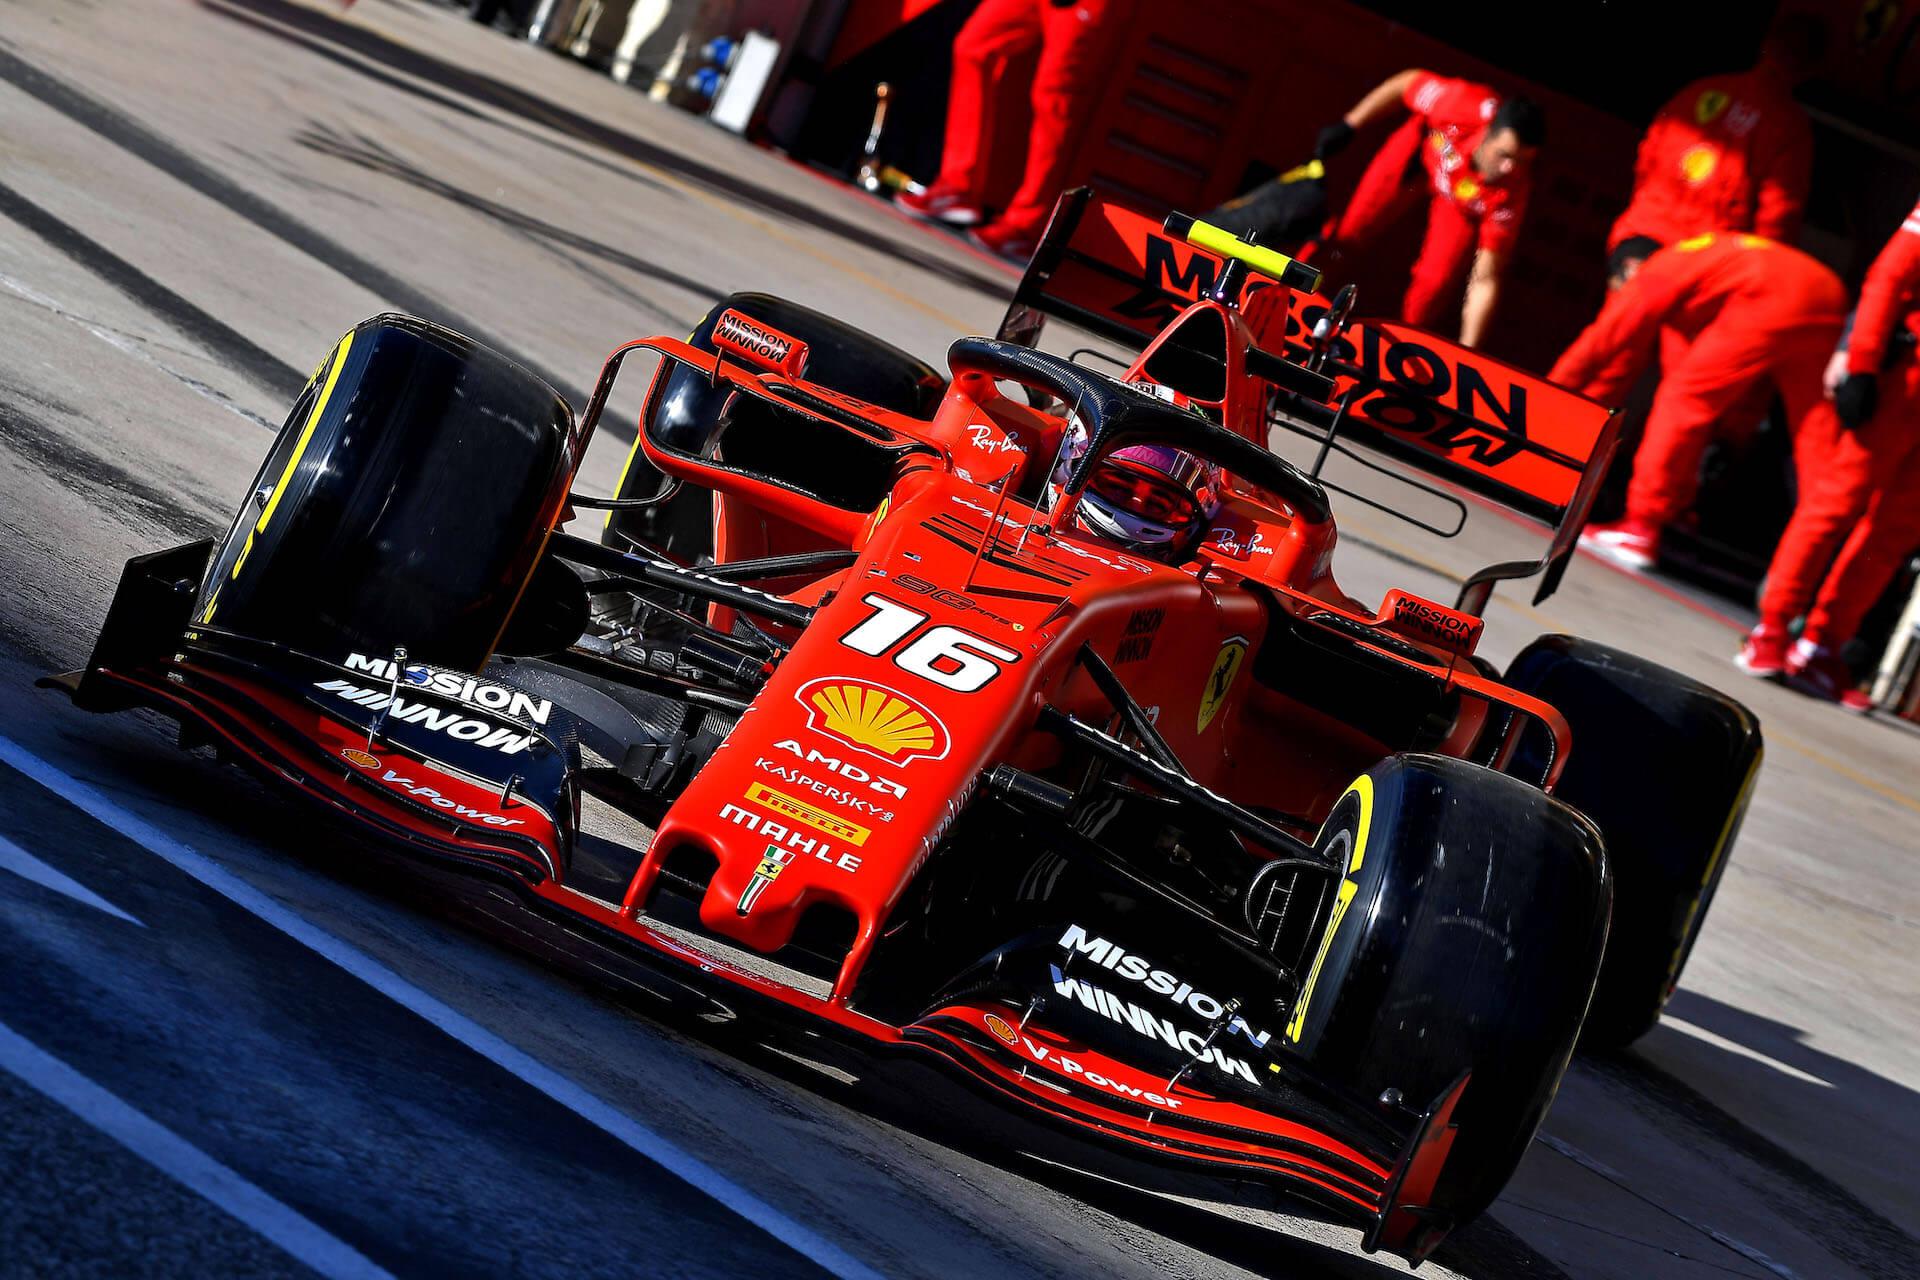 Ferrari SF90 2019 Charles Leclerc